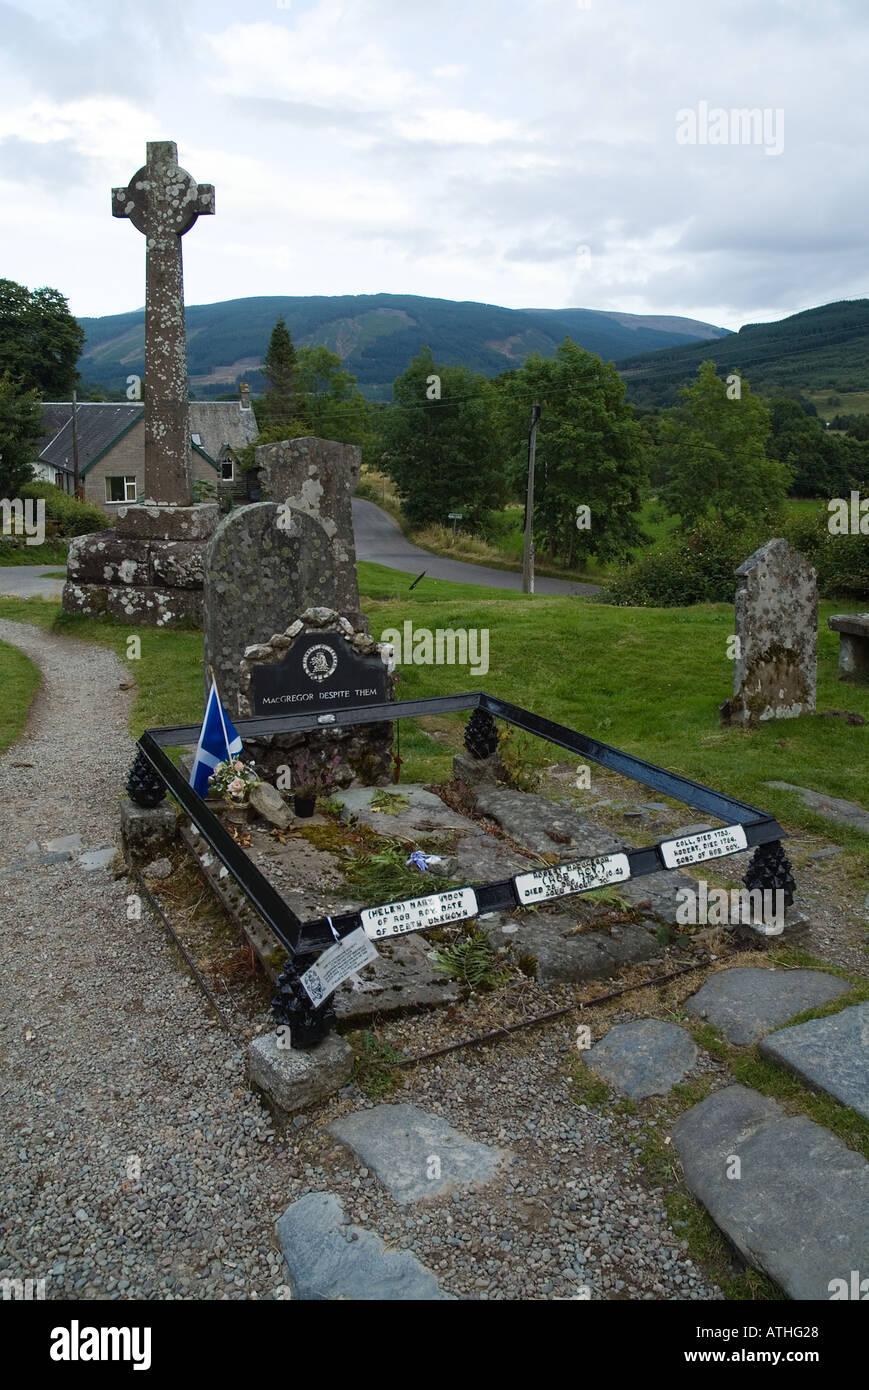 dh Rob Roys grave CIMETIÈRE BALQUHIDDER STIRLINGSHIRE Royaume-Uni Rob Roy macgregor dans le clan écossais tombe les pierres tombales scotland mcgregor Banque D'Images